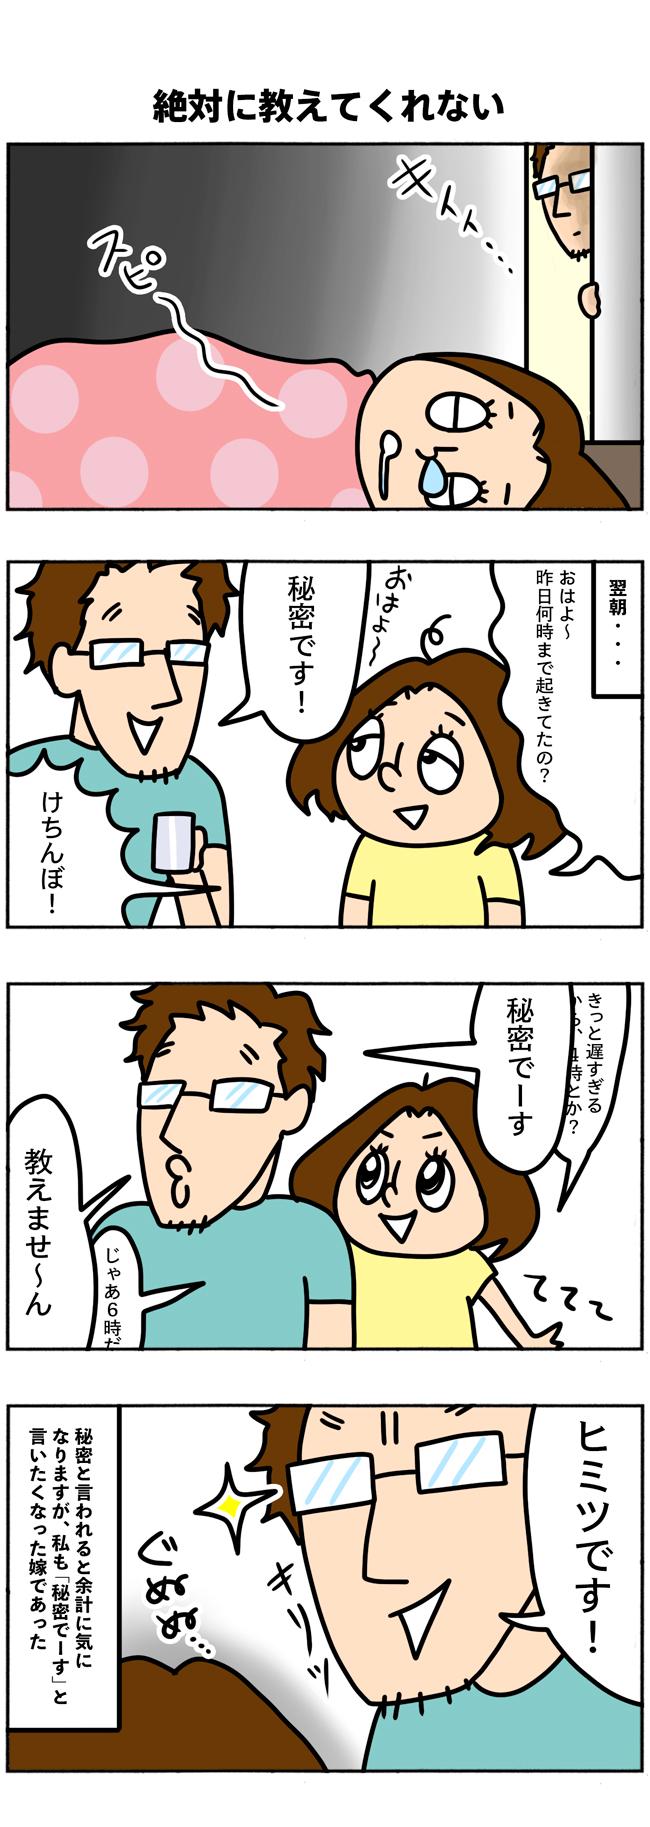 【日常四コマ漫画】ぶり夫、絶対に教えてくれない件